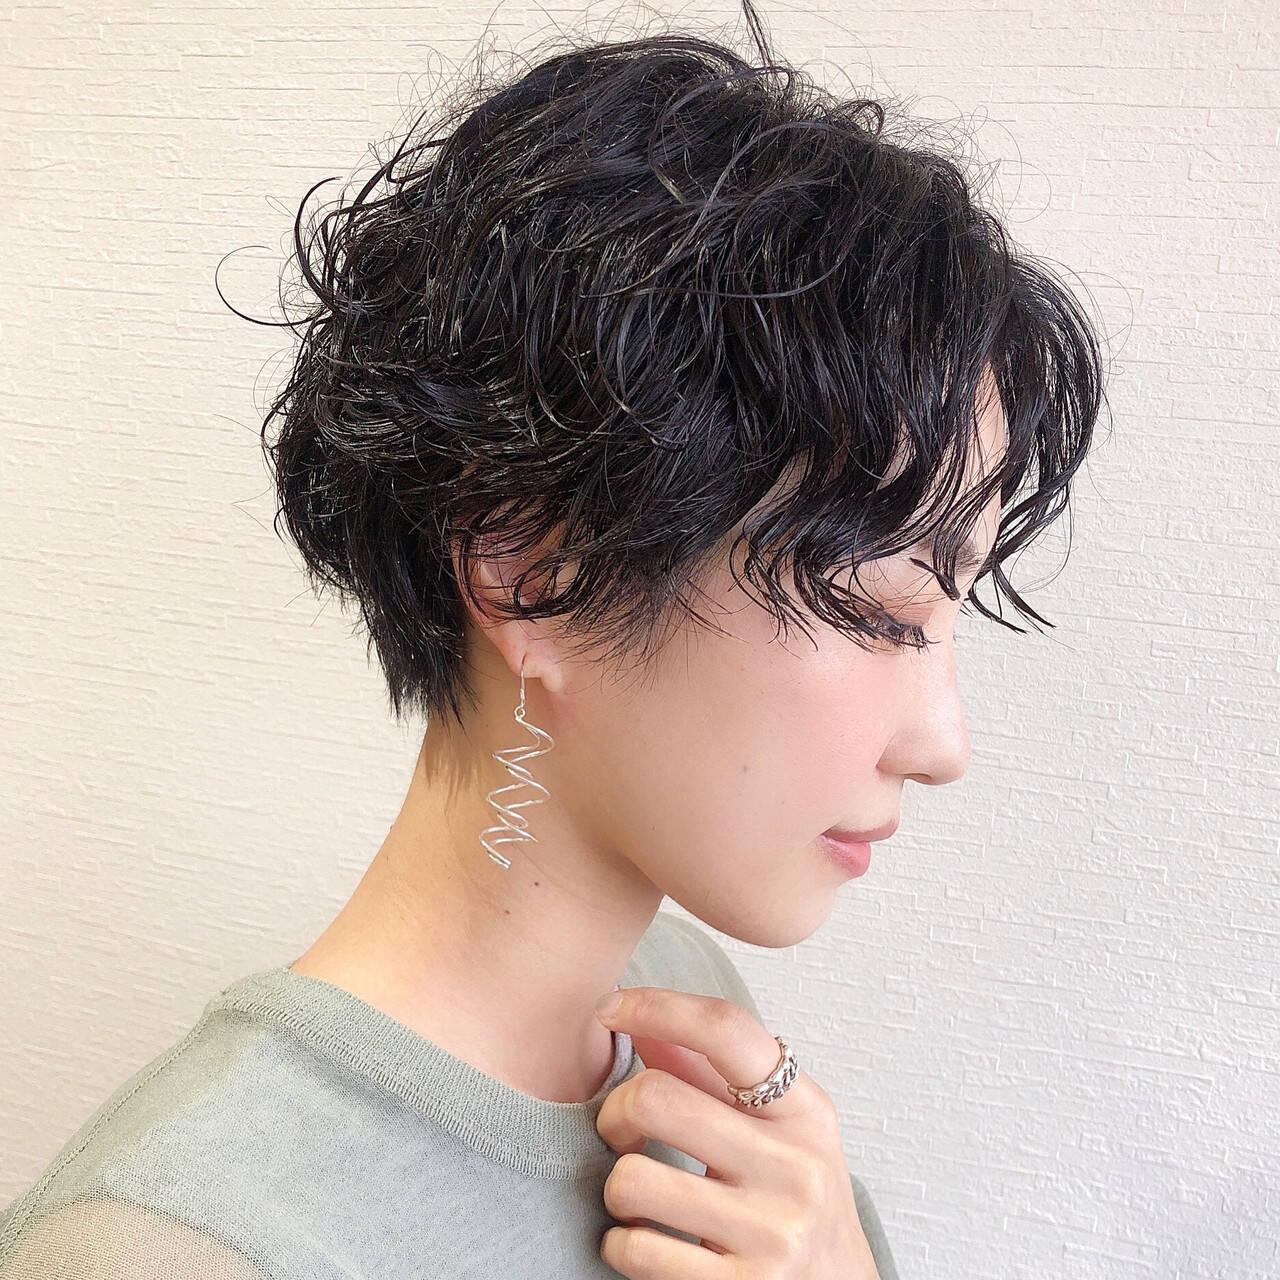 黒髪ショート モード ショートヘア ショートパーマヘアスタイルや髪型の写真・画像